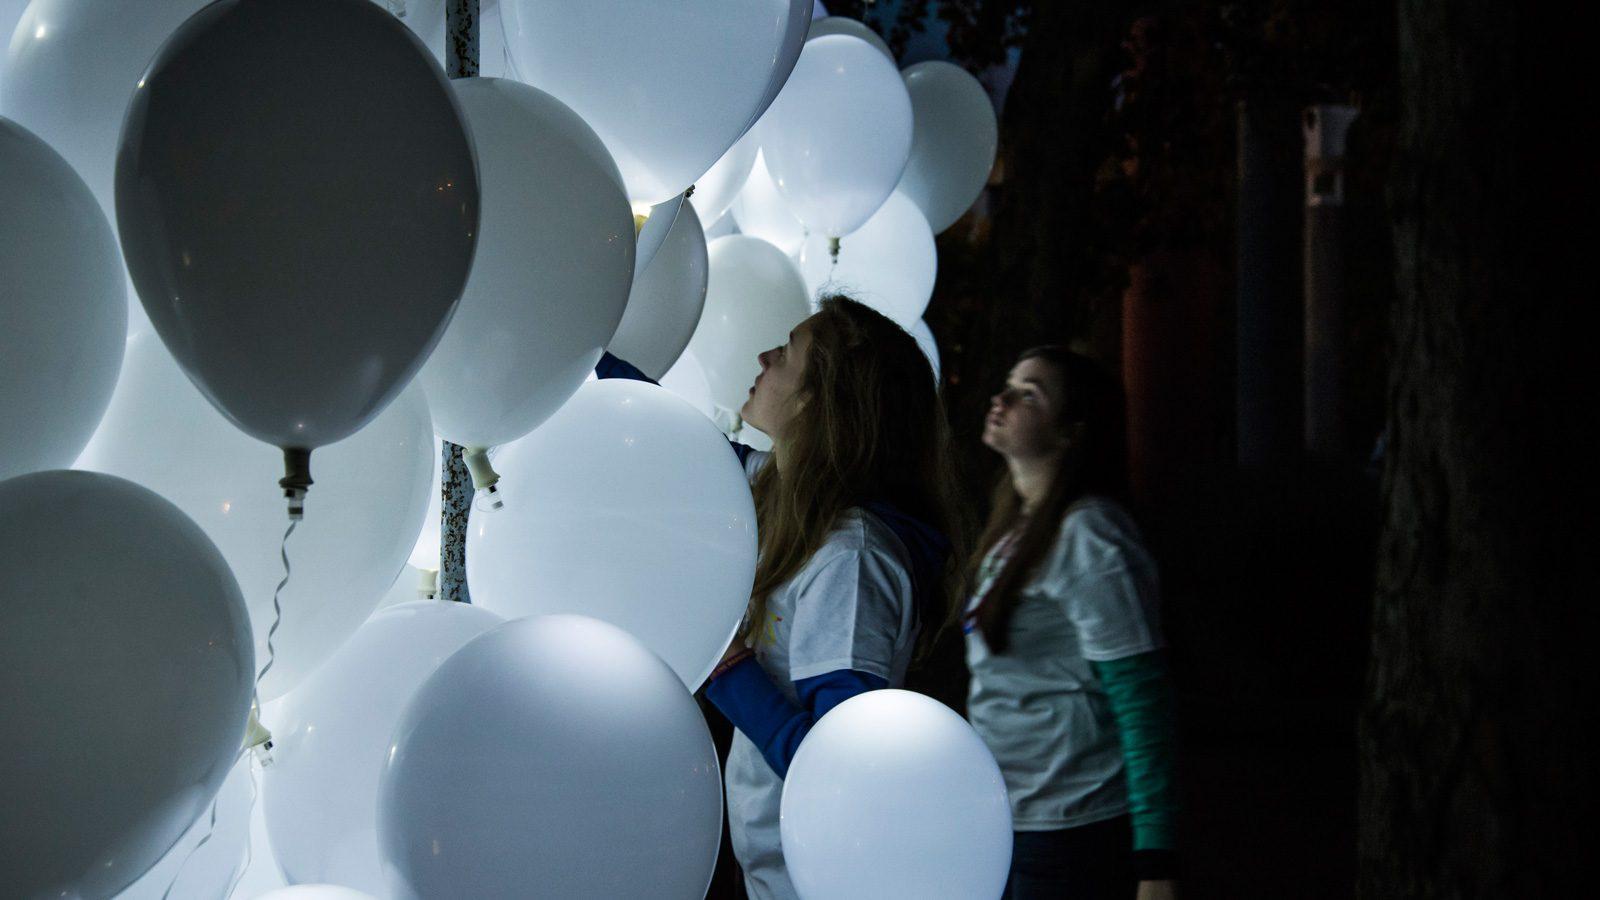 _balloons